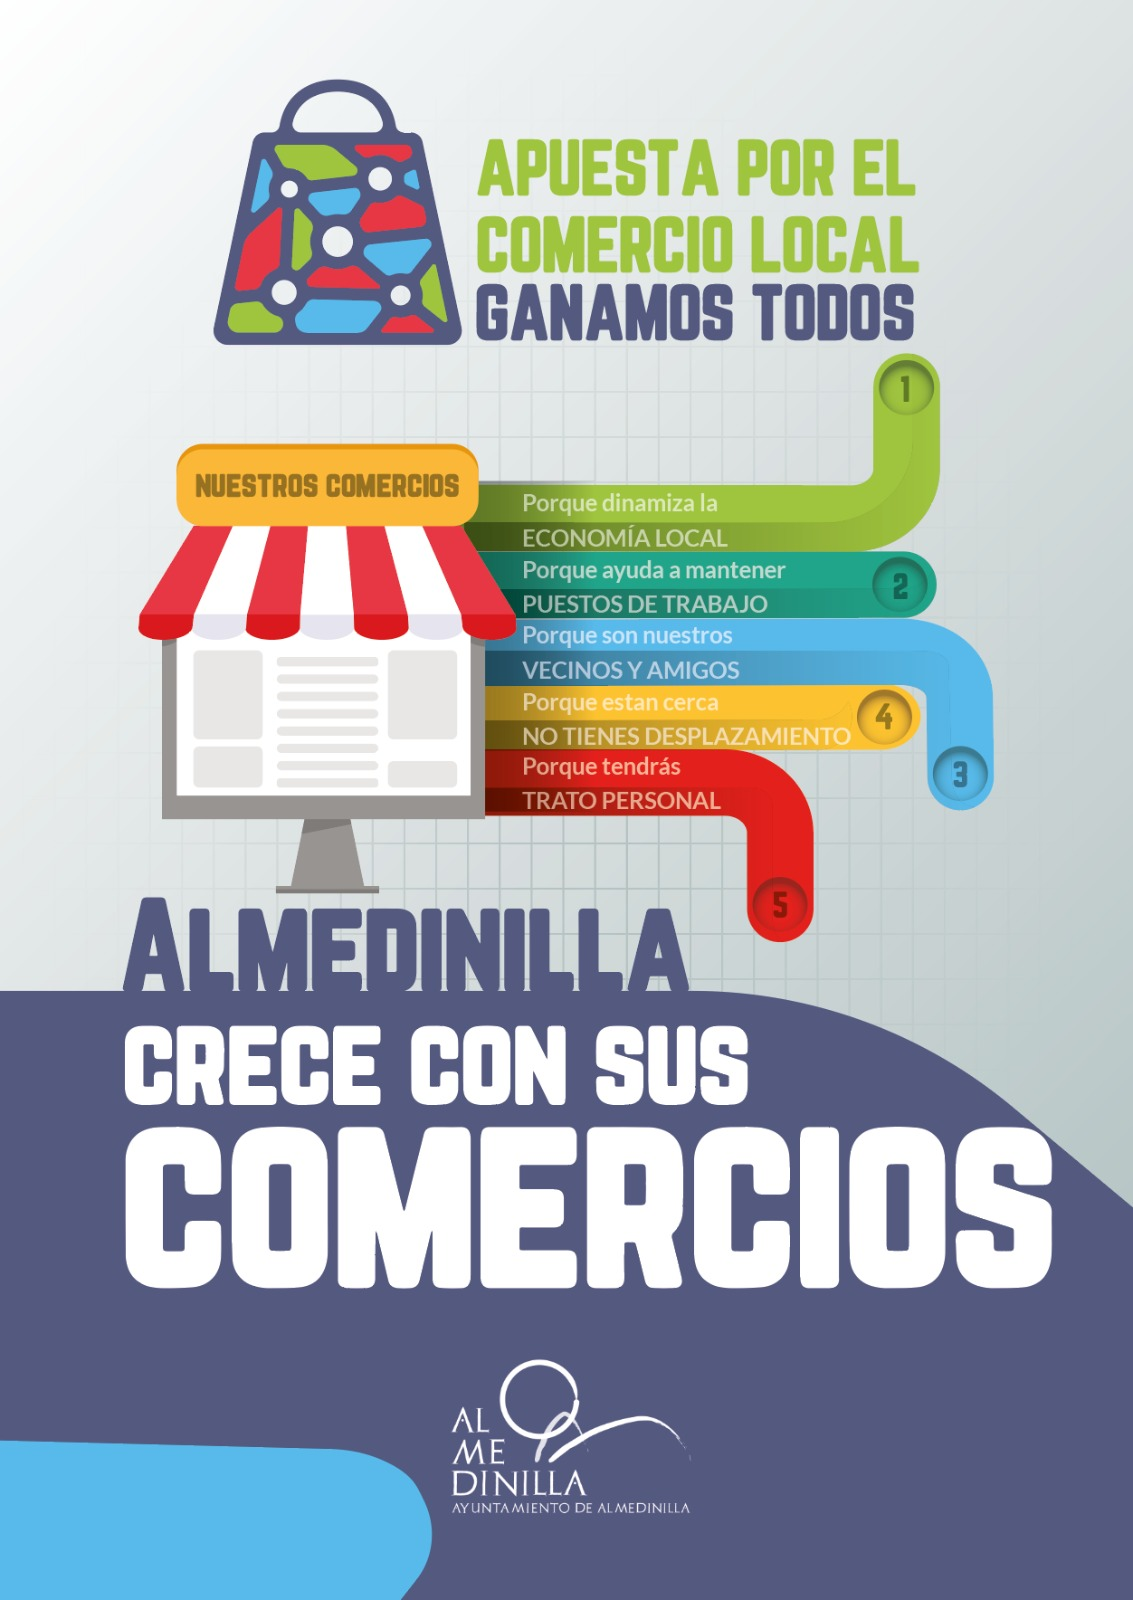 Campaña de apoyo al comercio local en Almedinilla 1